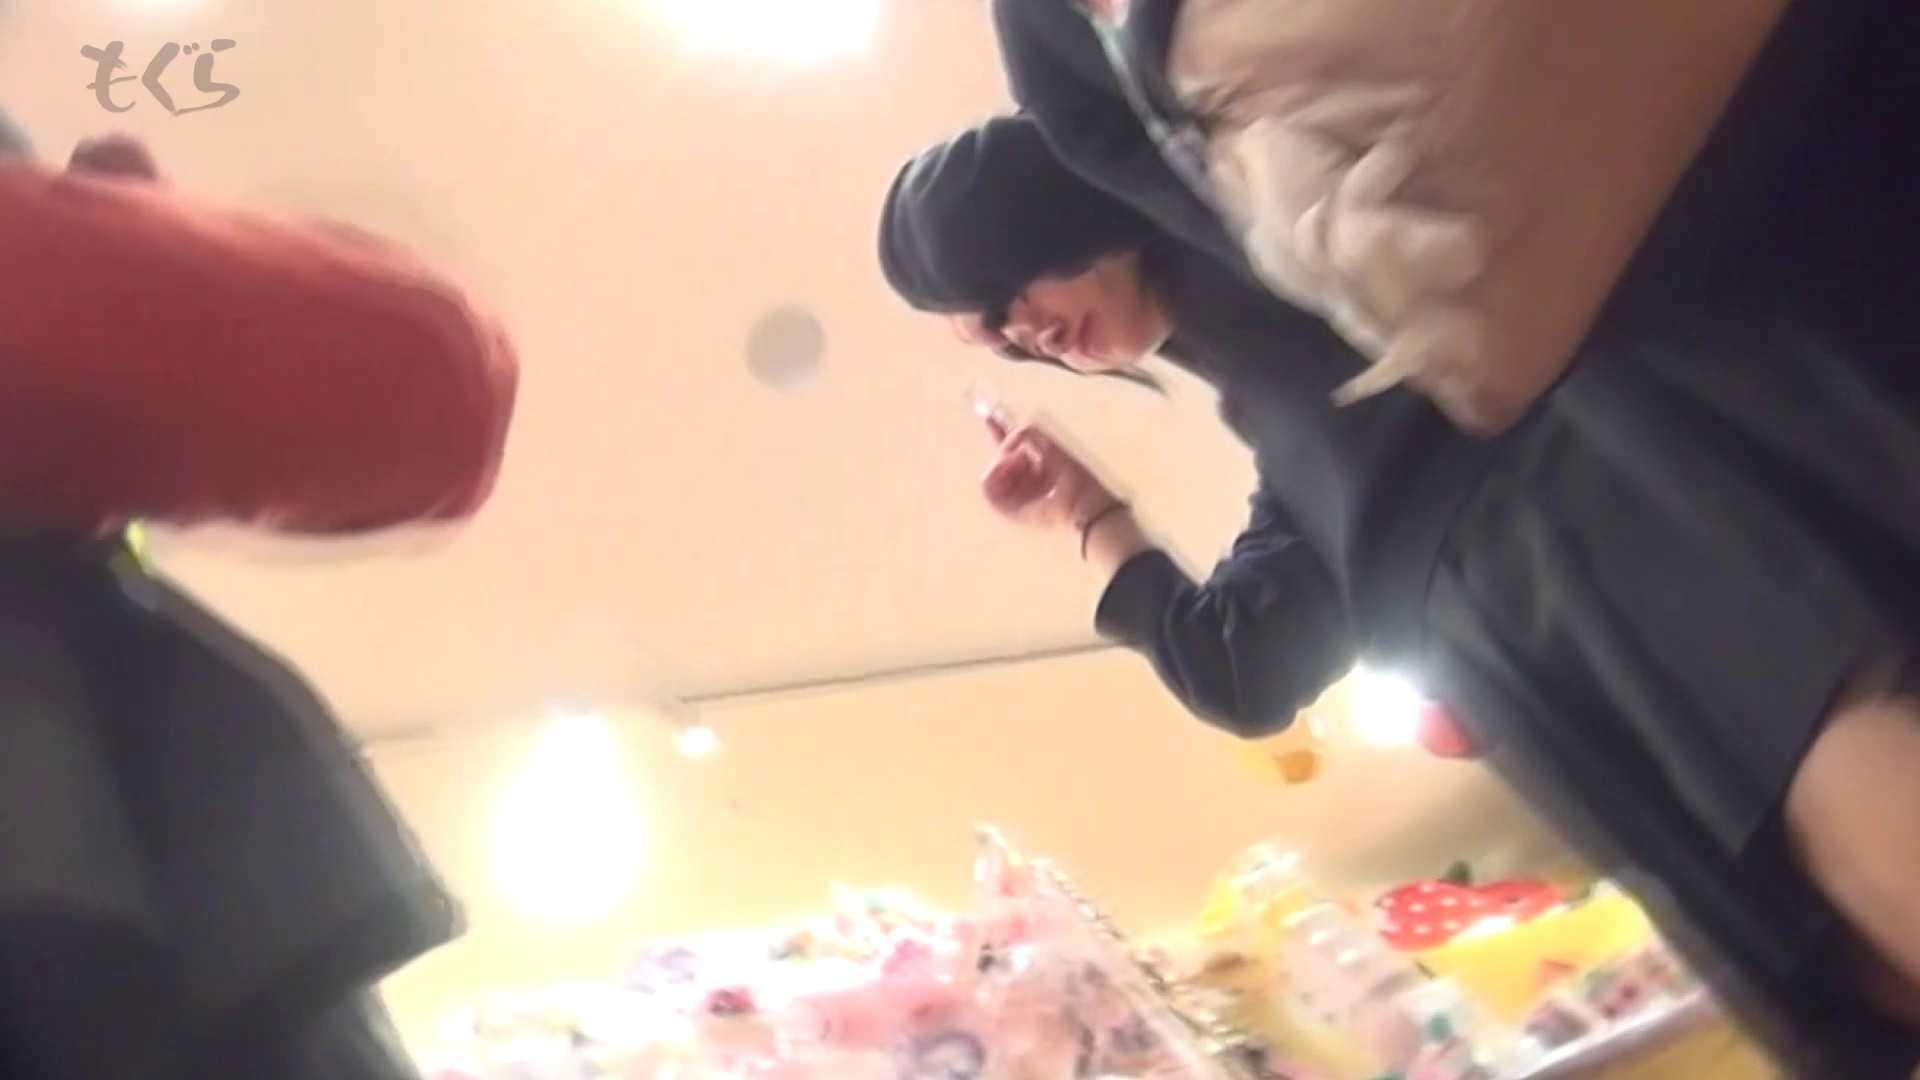 盗撮AV:隣から【期間限定品】No.12 黒髪真面目系な彼女を下から・・・。:怪盗ジョーカー